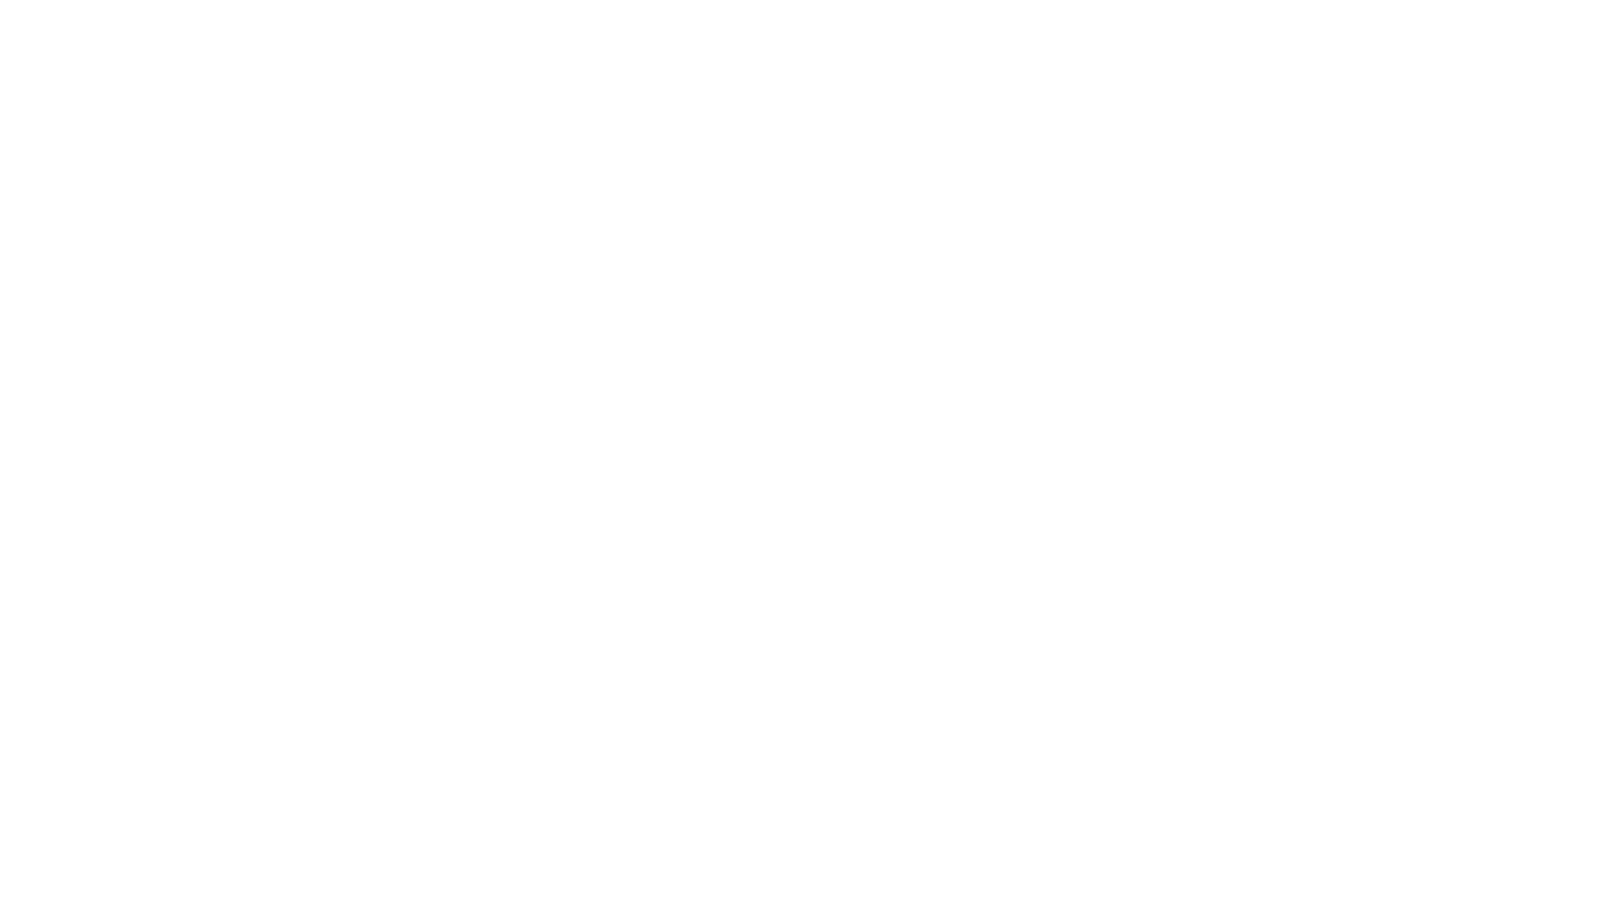 Este MIÉRCOLES viajamos hasta la ciudad de Mexico para conocer la historia de vida de una extraordinaria Mujer. Venezolana psicólogo, locutora con máster en oratoria.  Obtuvo su certificado en  metodología Points of you en los Estados Unidos. Fundadora del proyecto #MUJERESAVISPADAS, con la finalidad de ayudar por medio de consultas a las mujeres con baja autoestima y amor propio. . Invitada: Rosario Zerpae | 📺@mujeresavispadas . Conducción:  Patty Mantiroj | 📺@claudiapatricia9407  Miércoles 21:15 pm 🇵🇹  | 22:15 pm  🇪🇸 | 15:15 pm 🇻🇪  . #somosacucarfm #latinosenportugal #Venezolanosenportugal #portugalovers  #radioonline #mujeres #mulher #latinosunidos #musicapop #radioweb #radioshows #memeslatinos #vidafeliz #musicals #latinos #portugal #música #música #Lisboa #oporto #venezolanosenespaña🇻🇪 #venezuela🇻🇪 #dominicanrepublic  #venezolanosenportugal  #latinosenportugal #sonriesomospuravida #luchadora #lideranza #mexicanoapoyamexicano  #colombianos #chileno #peruanos #MagazineconPatty